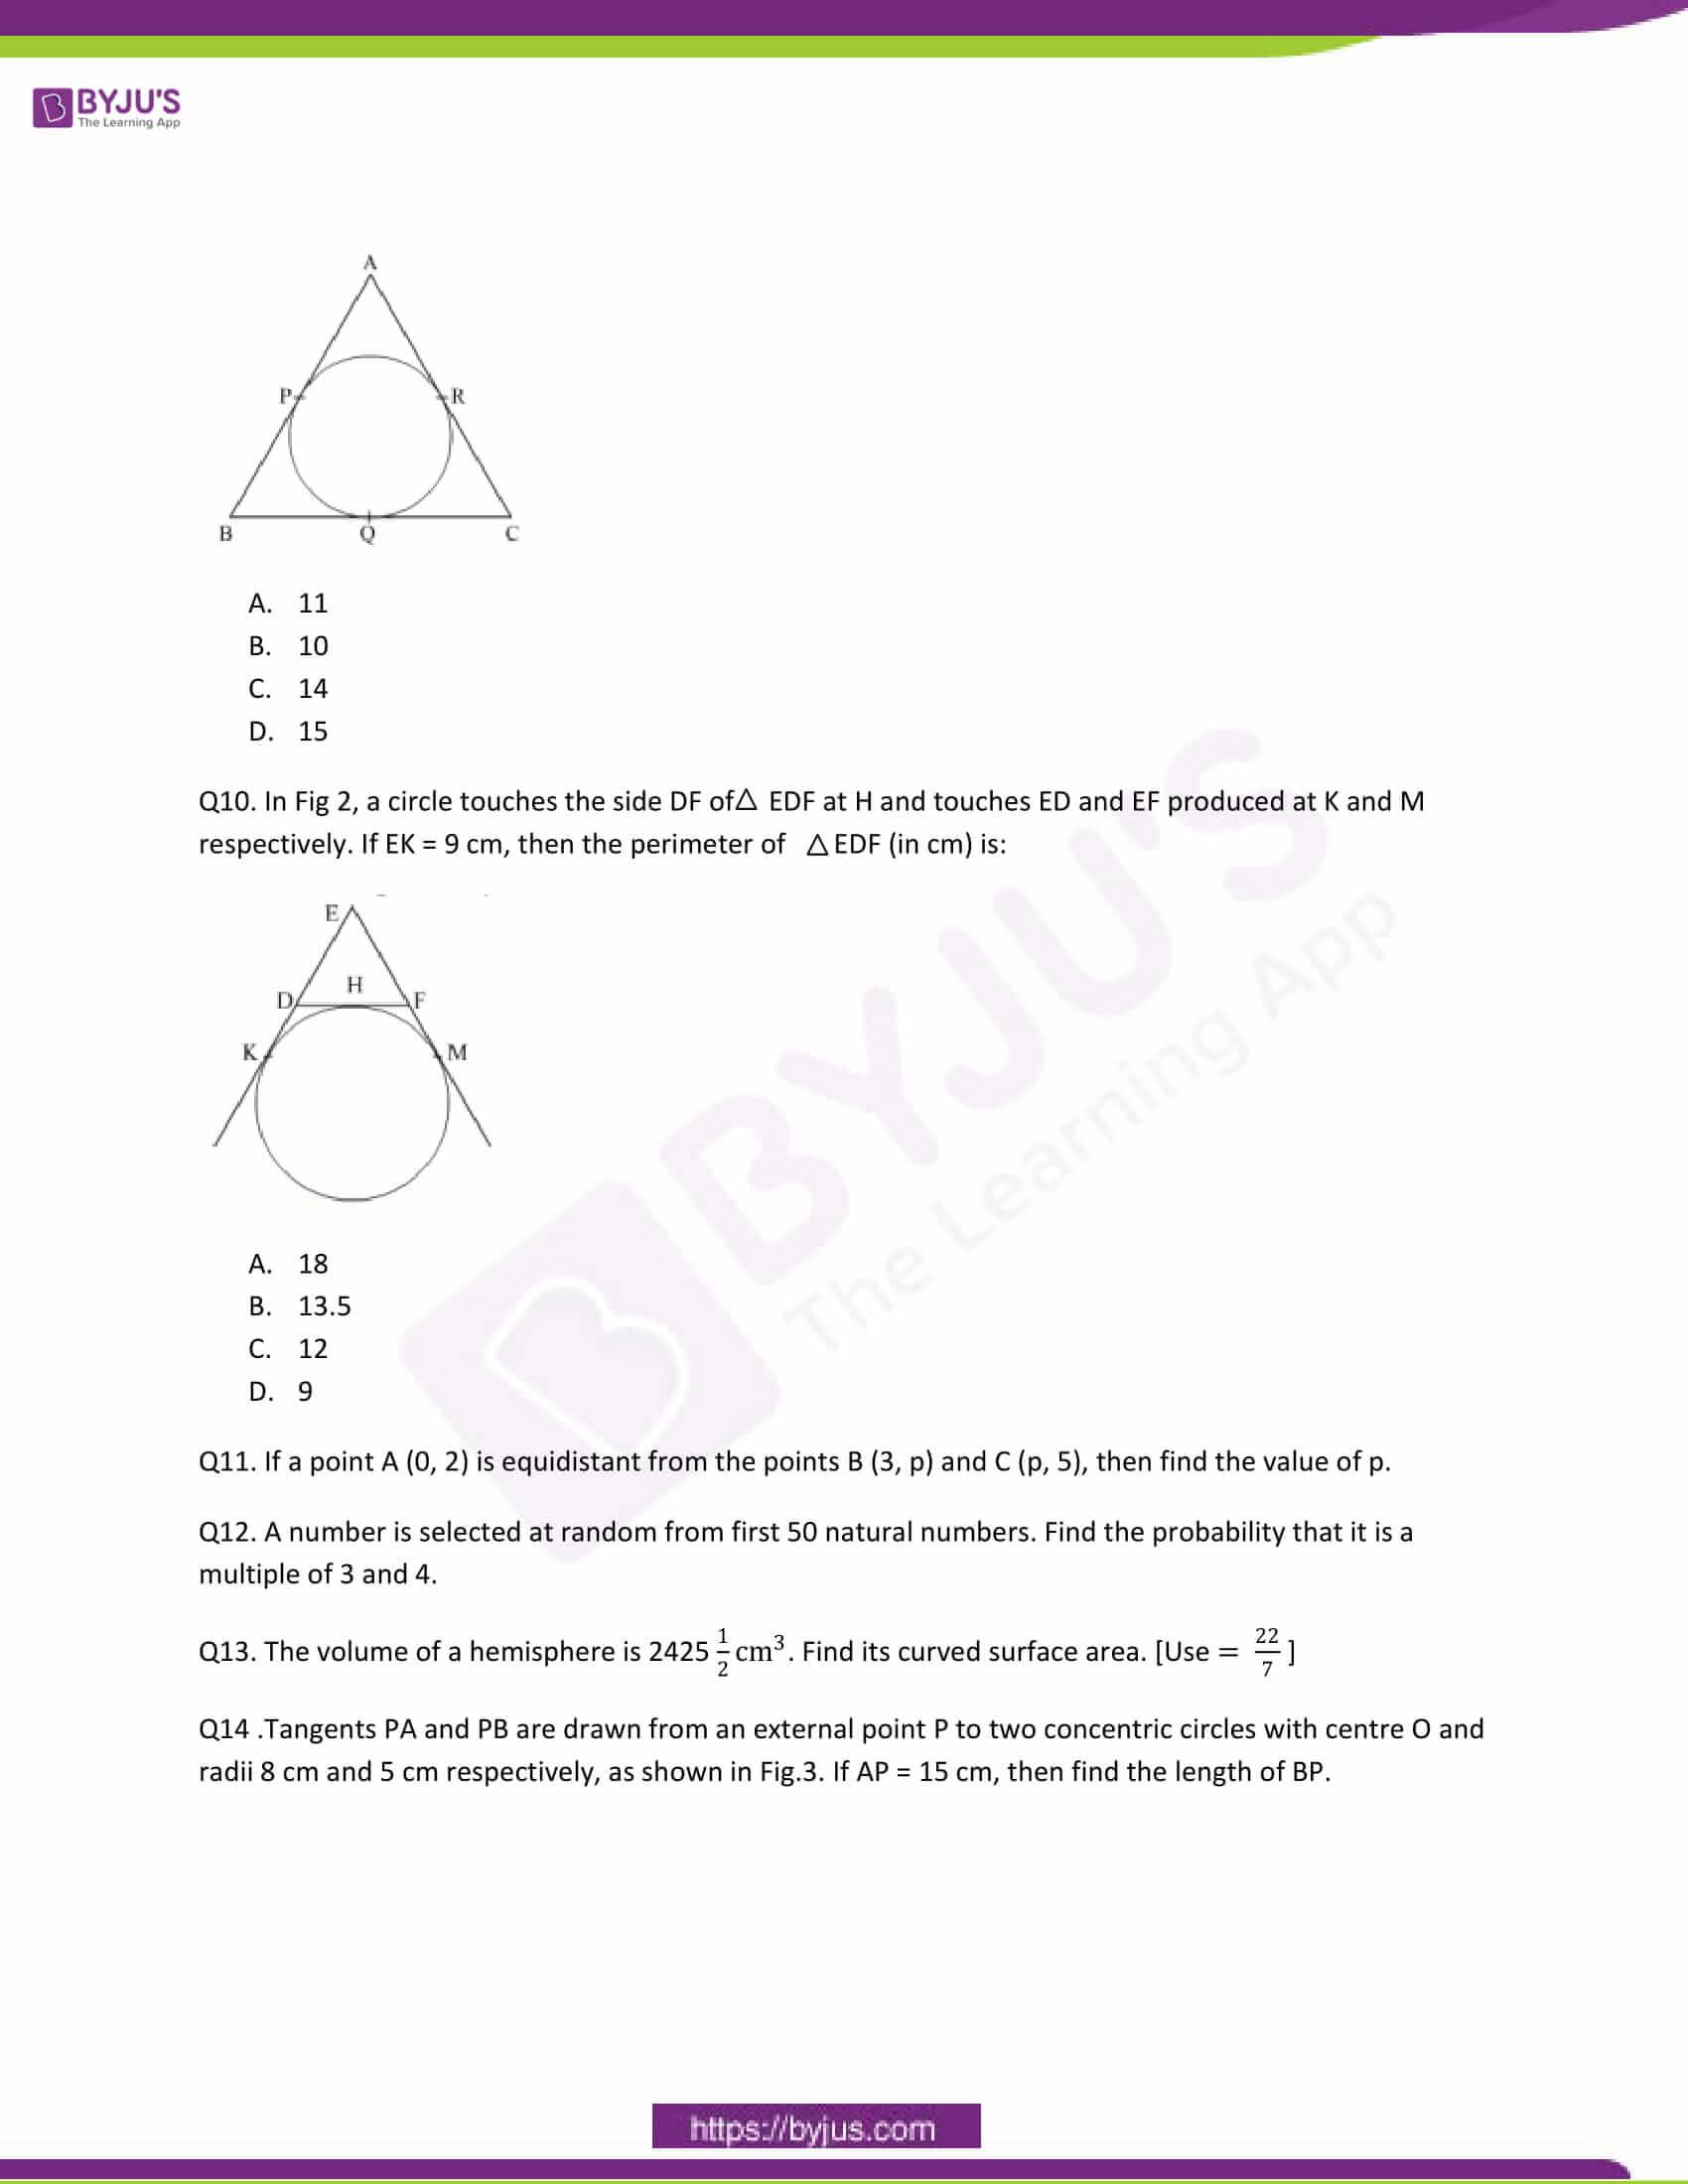 CBSE Class 10 Maths Question Papers 2012 3